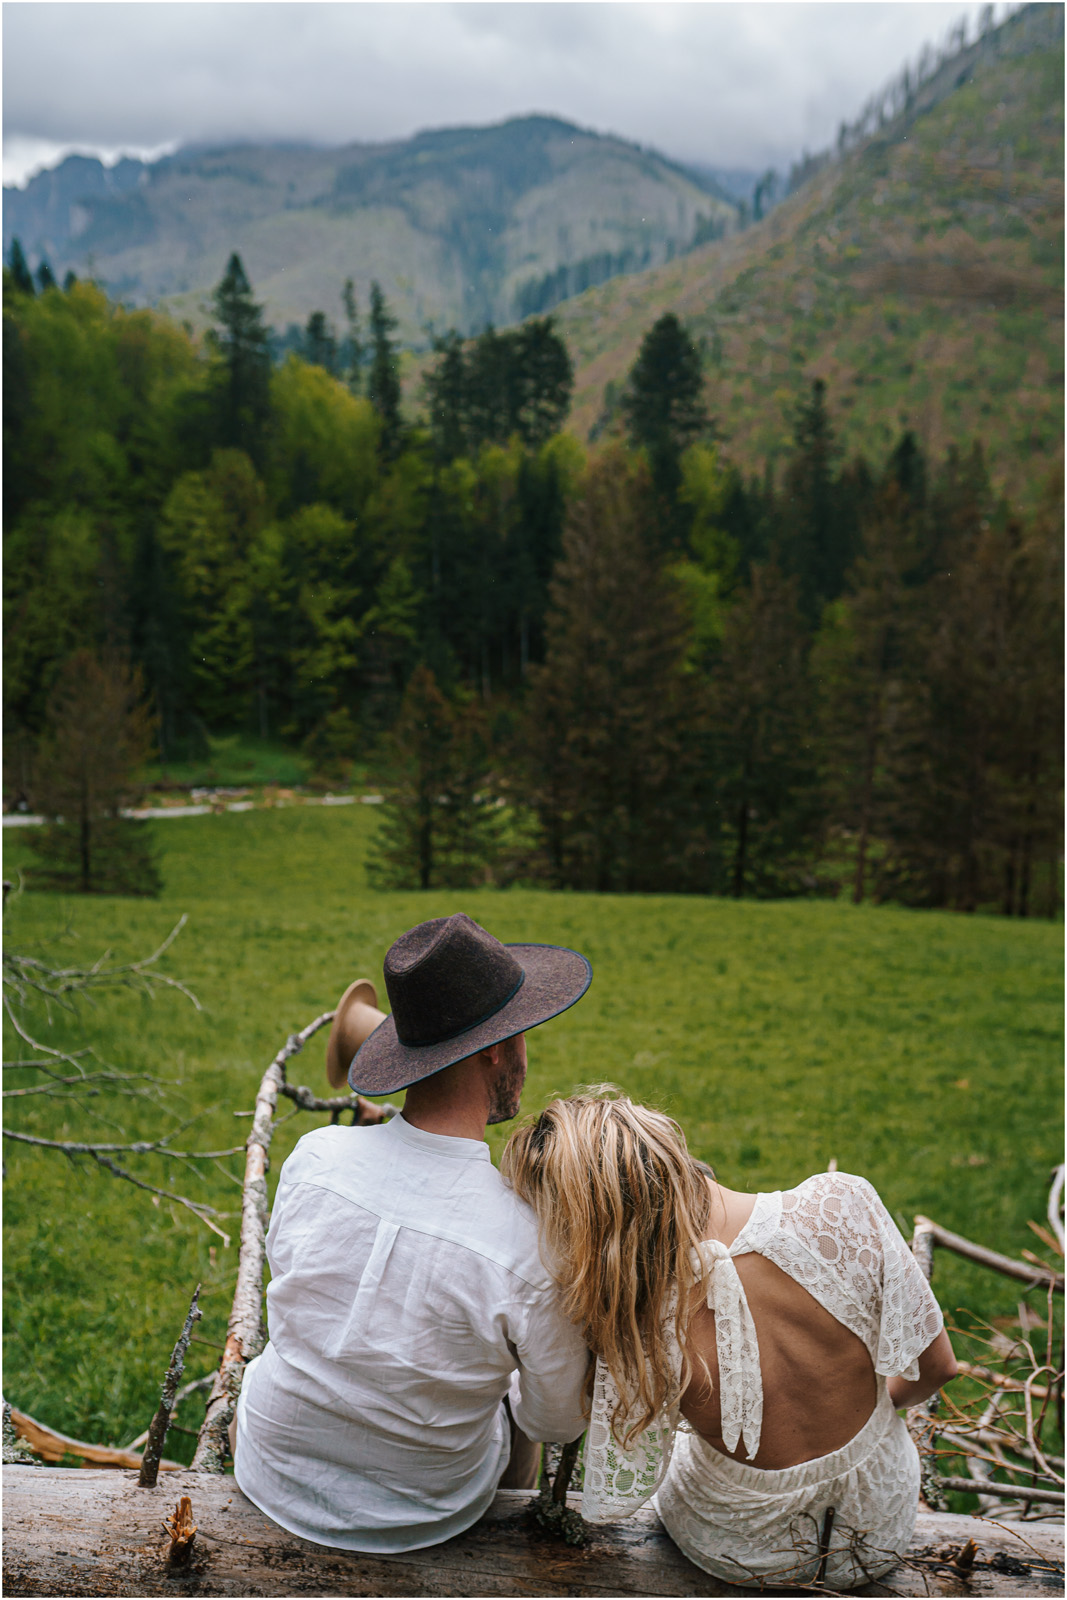 Amanda & Błażej | ślub i sesja w górach 82